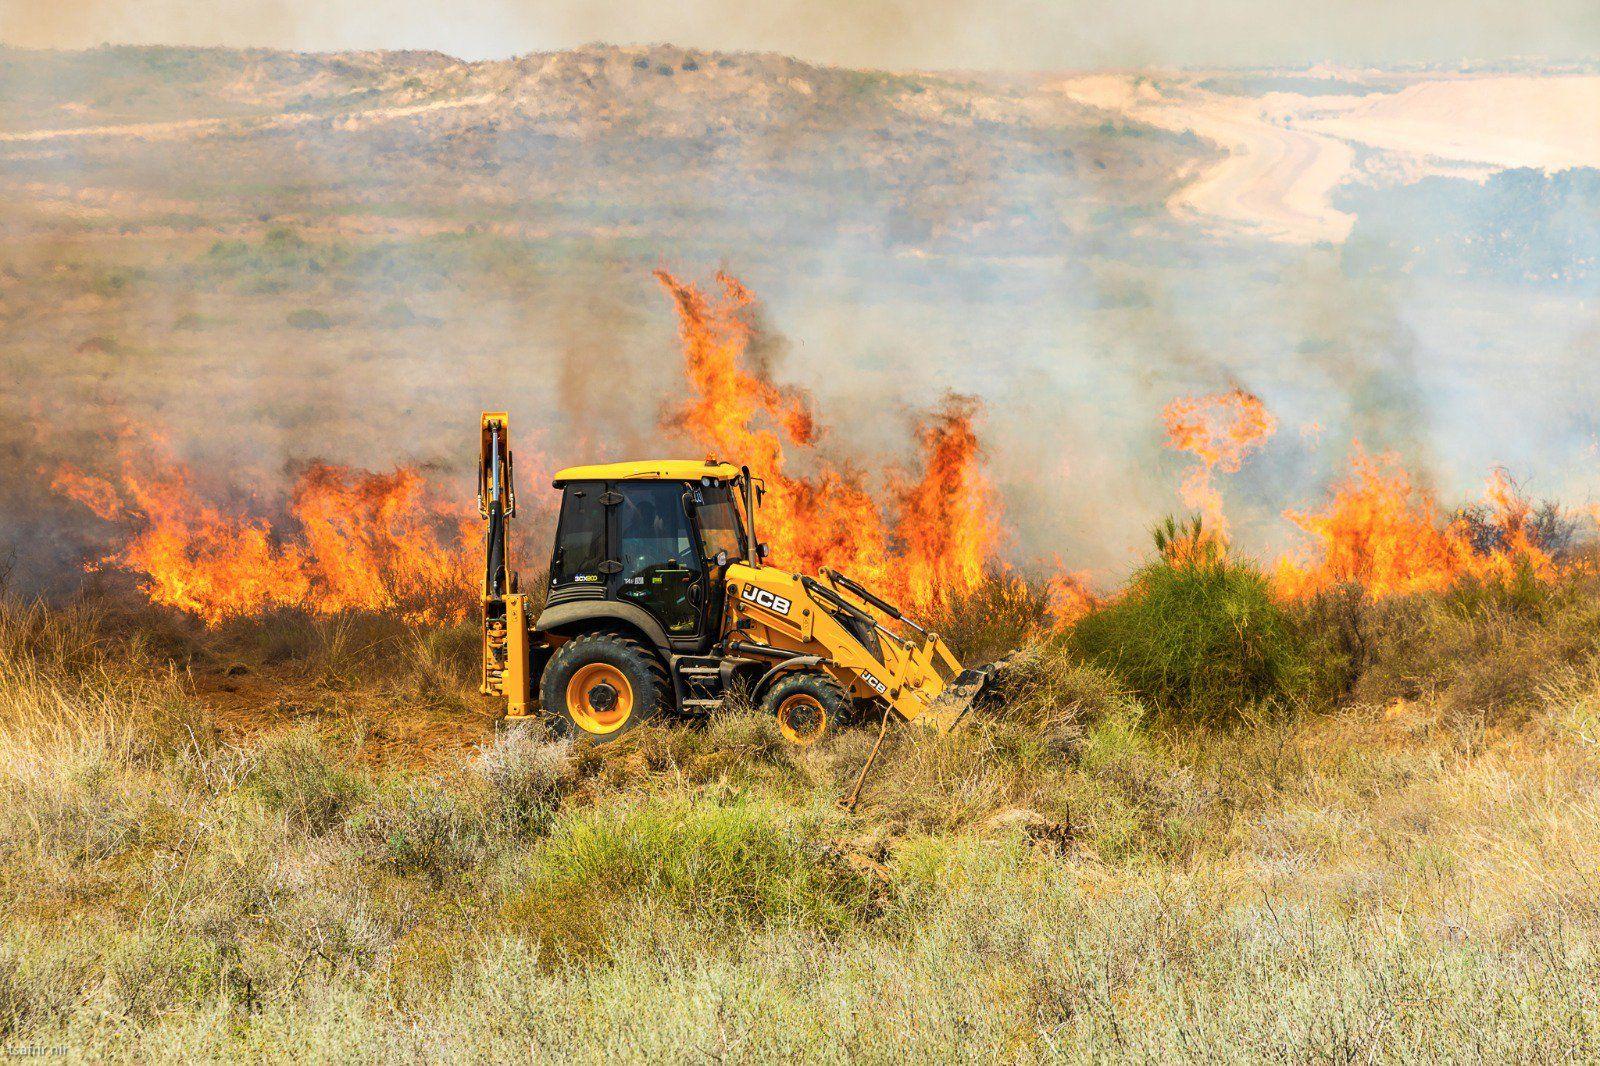 אש משתוללת בעוטף עזה; צה